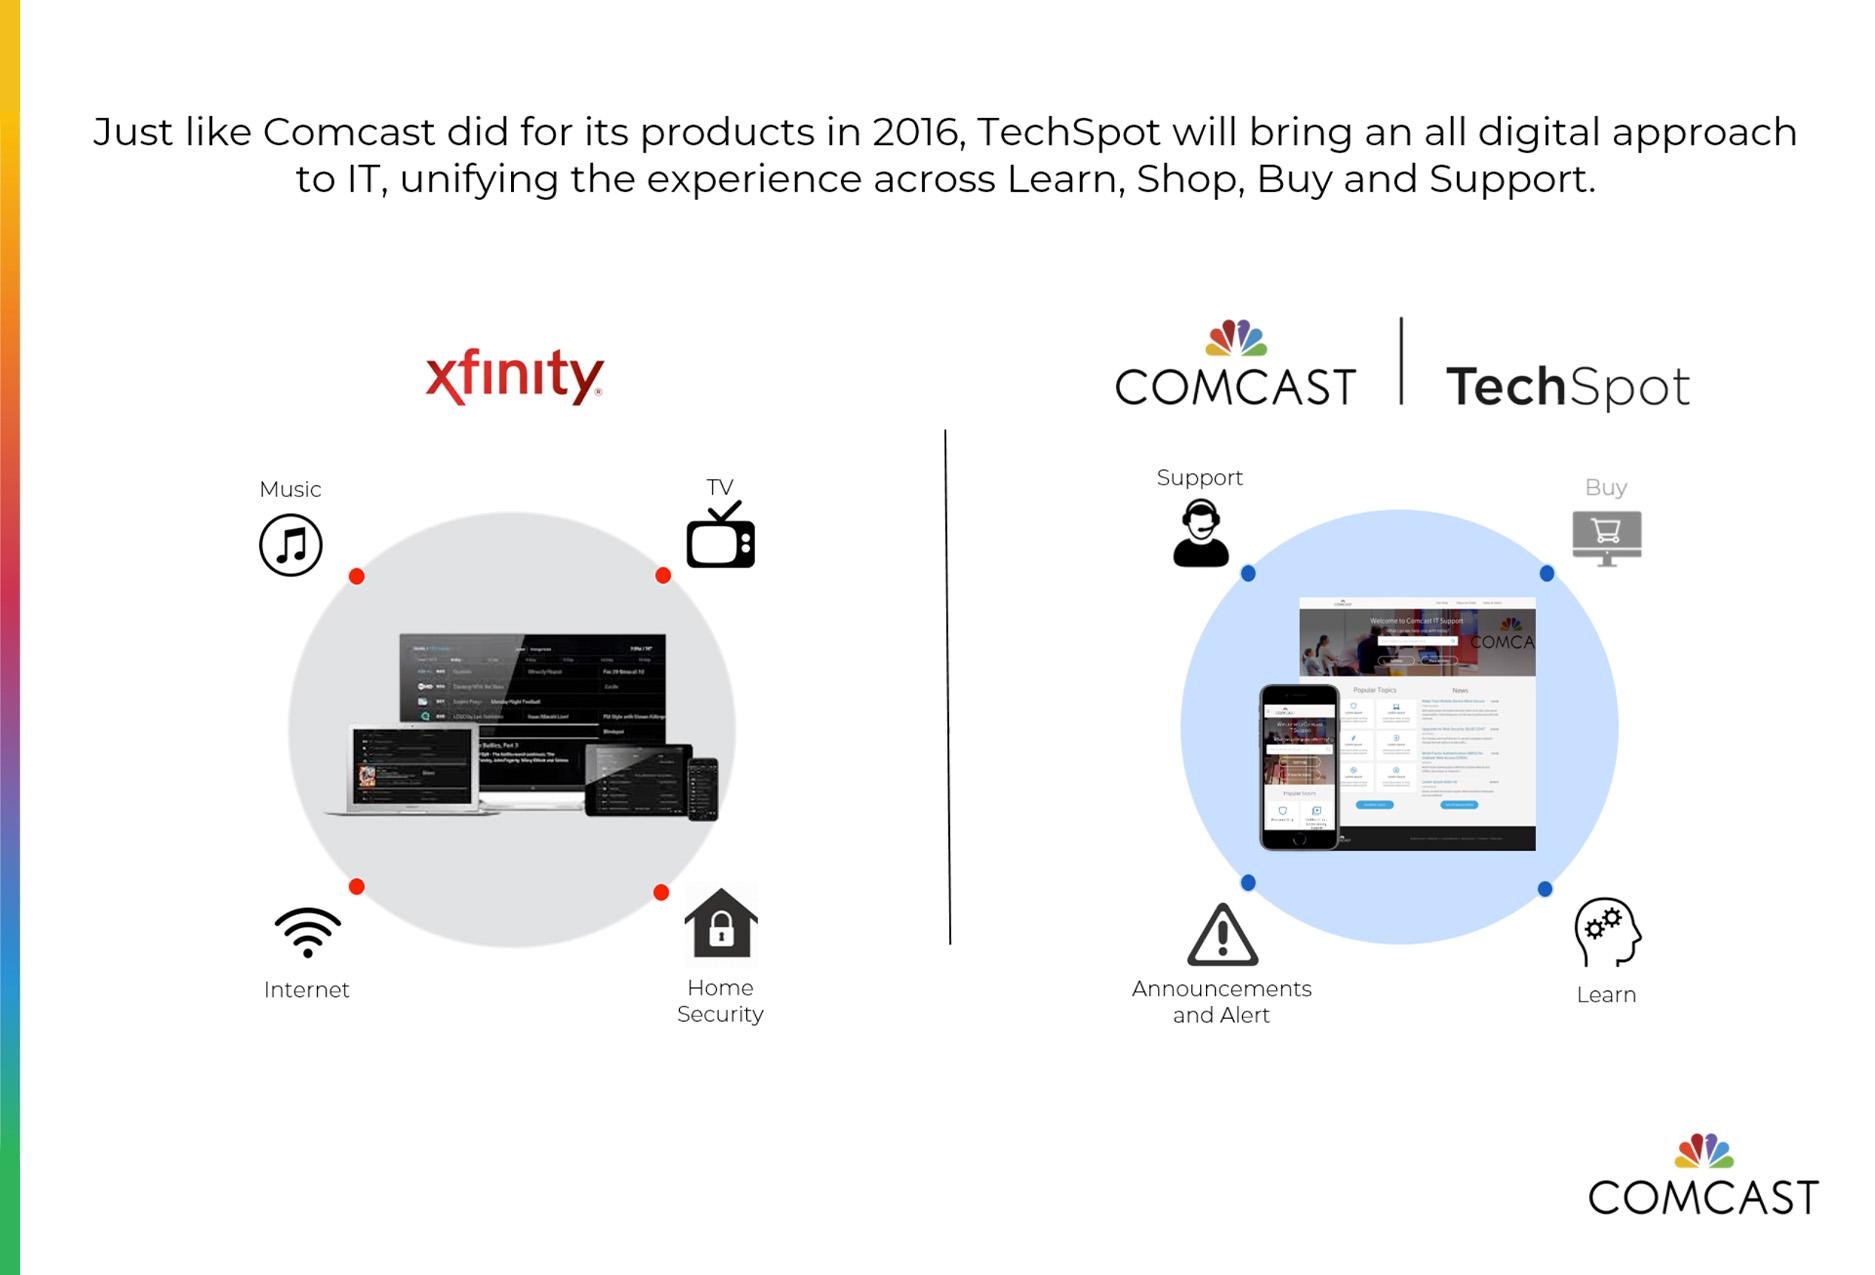 Comcast TechSpot